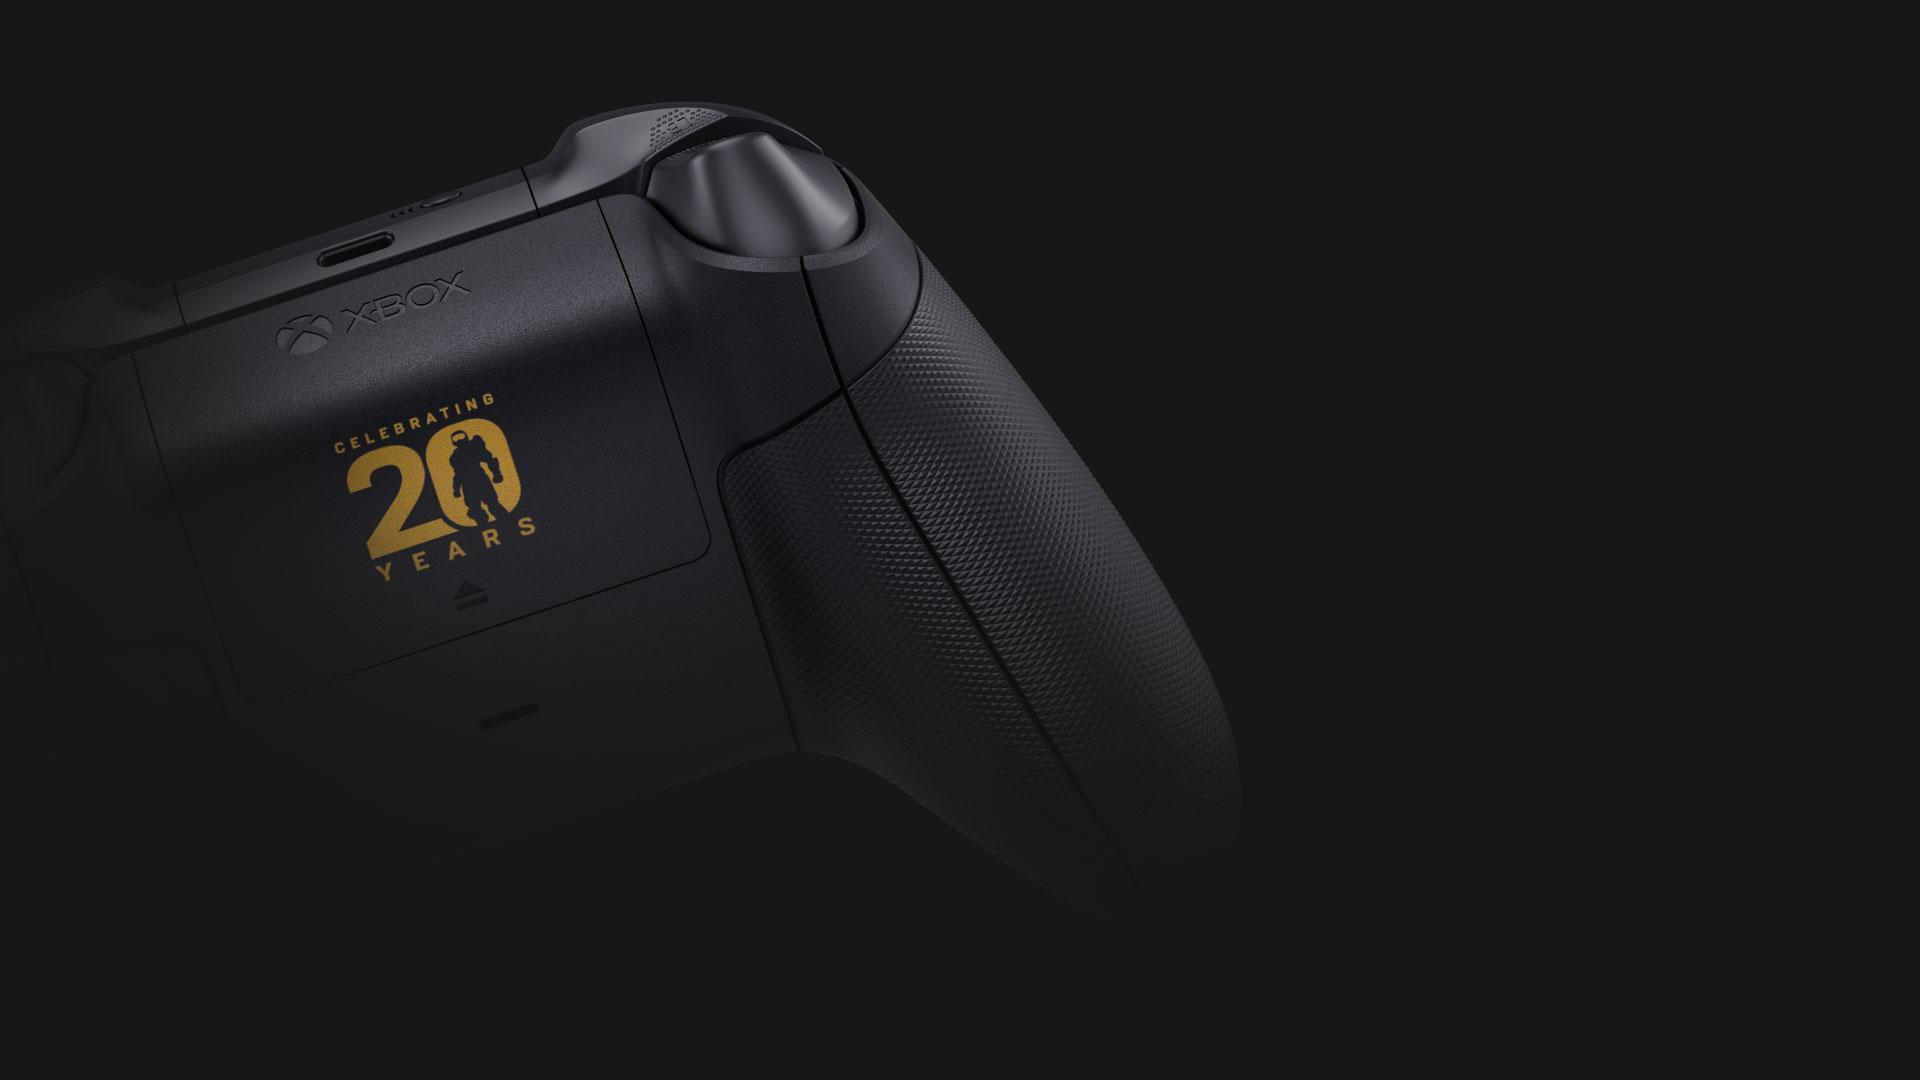 Impugnatura anti-scivolo del controller Wireless per Xbox Halo Infinite in edizione limitata